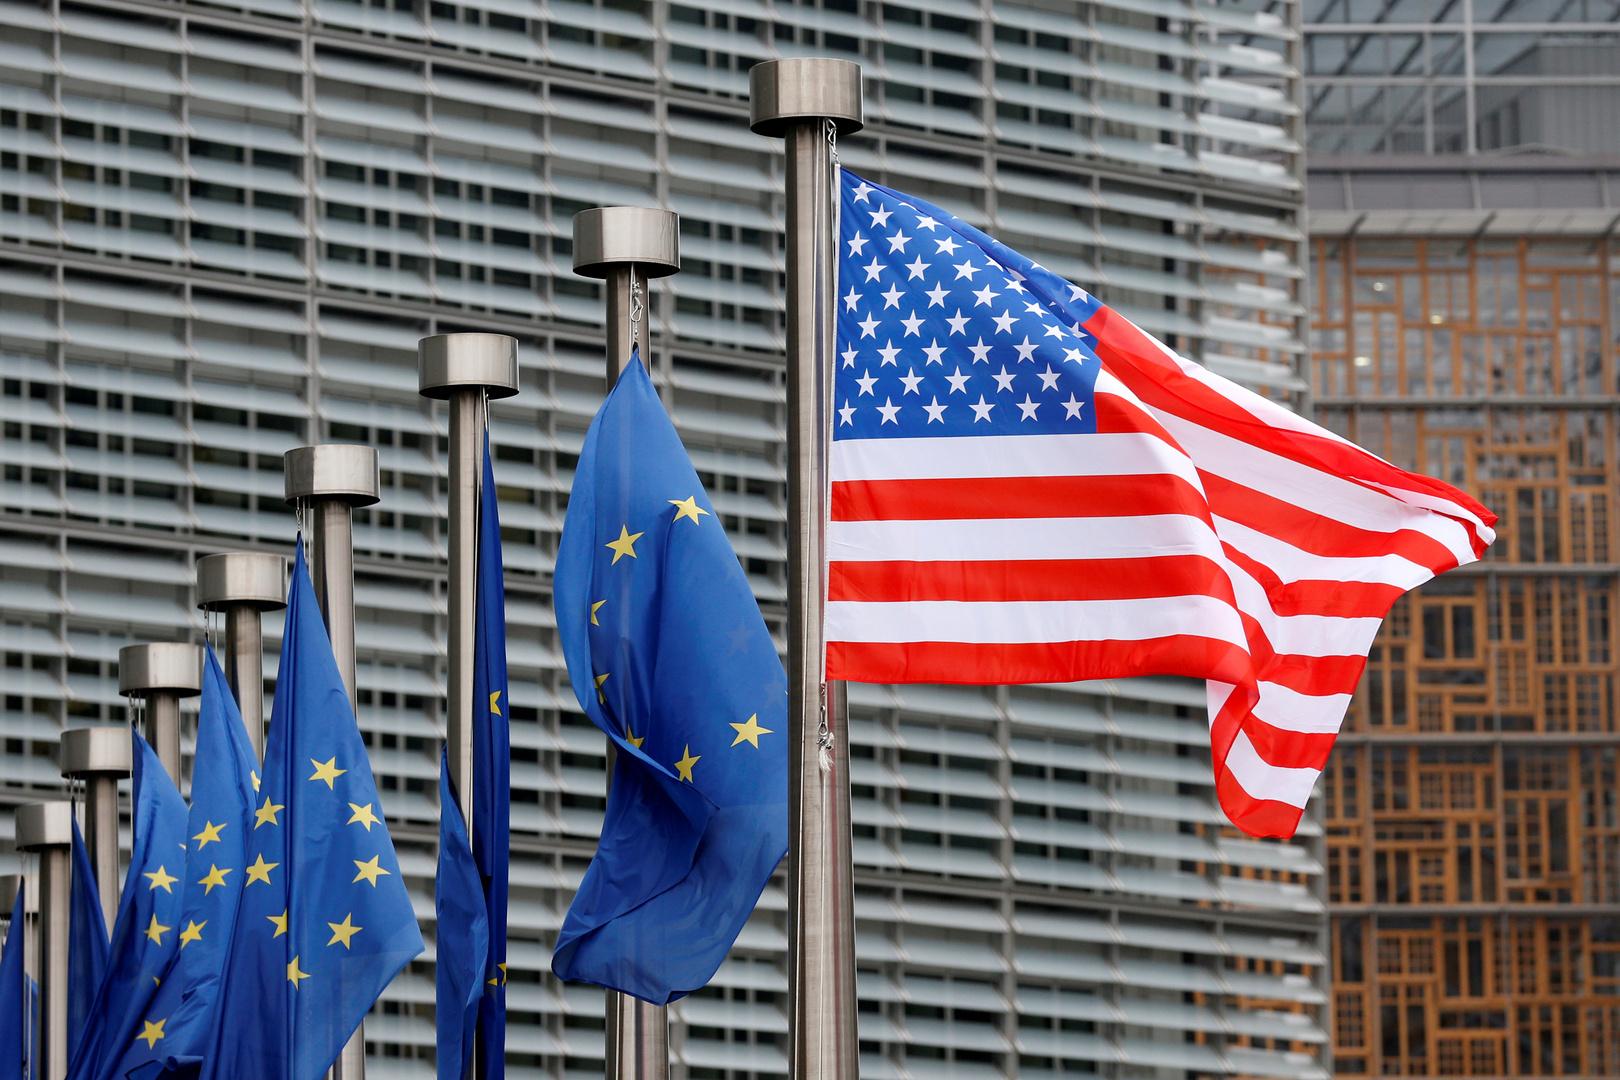 الاتحاد الأوروبي لن ينضم إلى الولايات المتحدة في ردع الصين